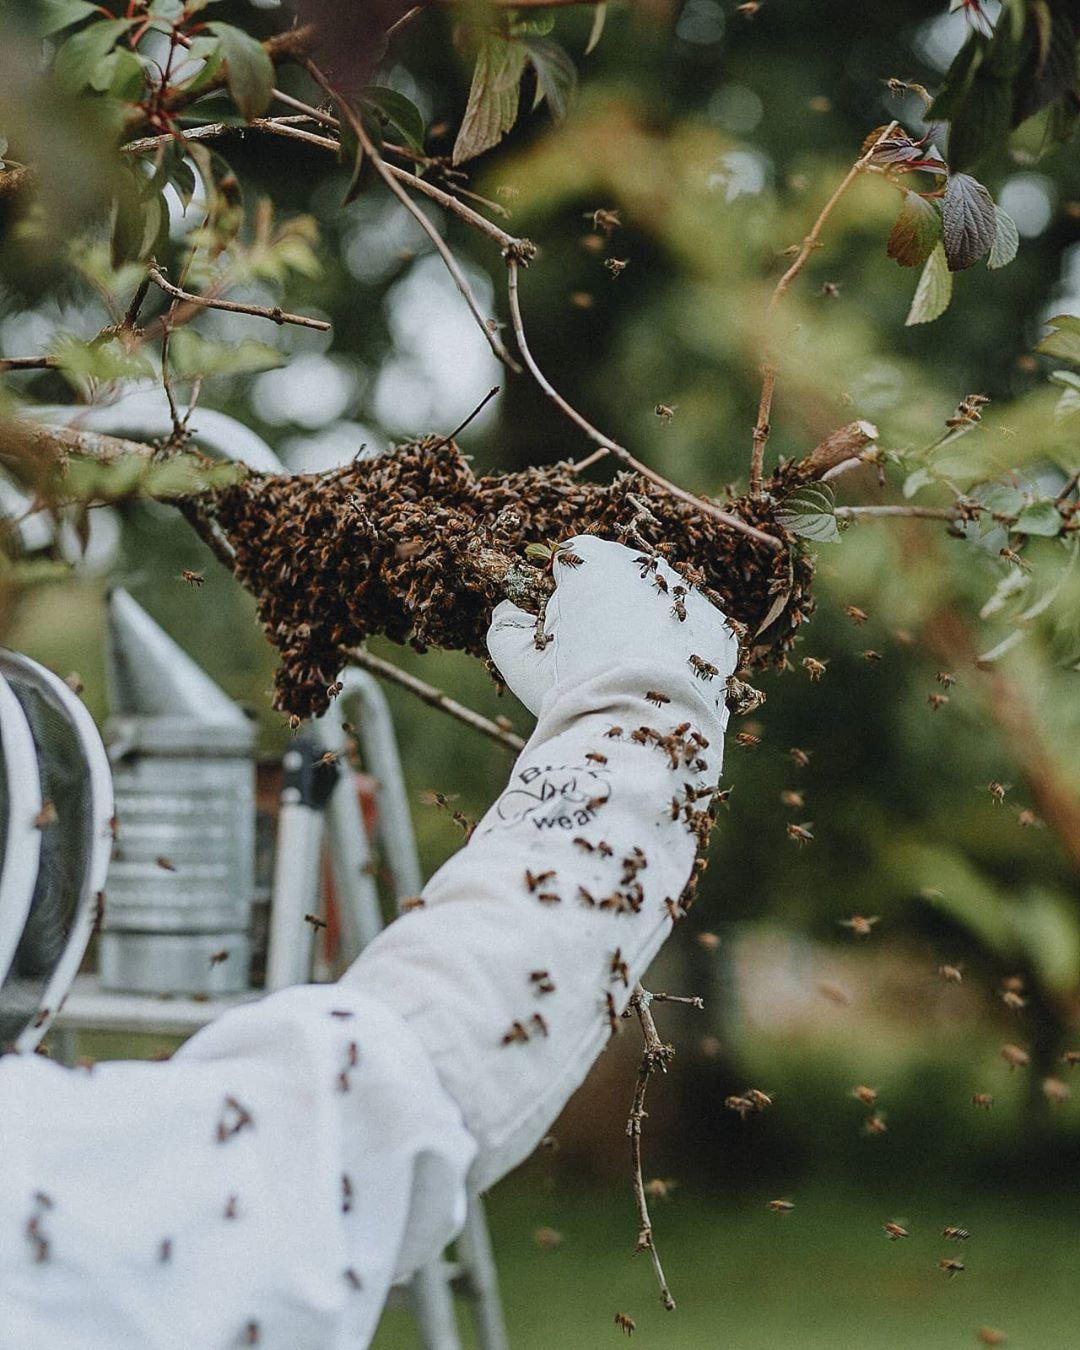 honey bee swarm on arm